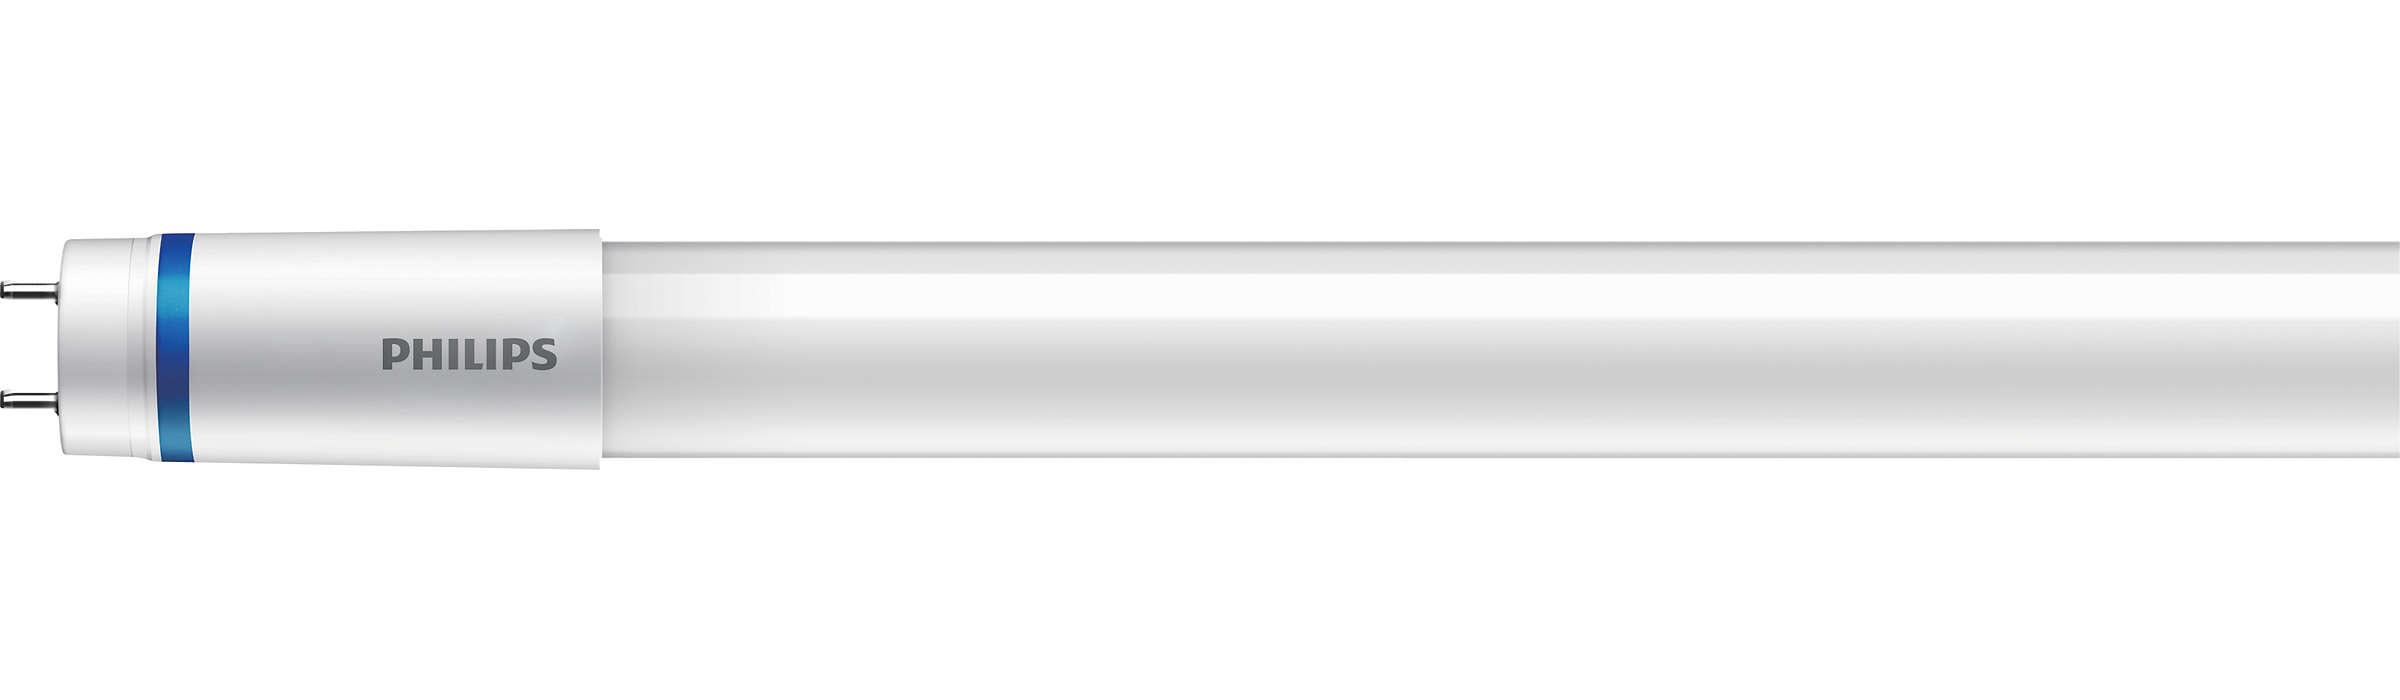 Новое поколение энергосберегающих трубчатых ламп